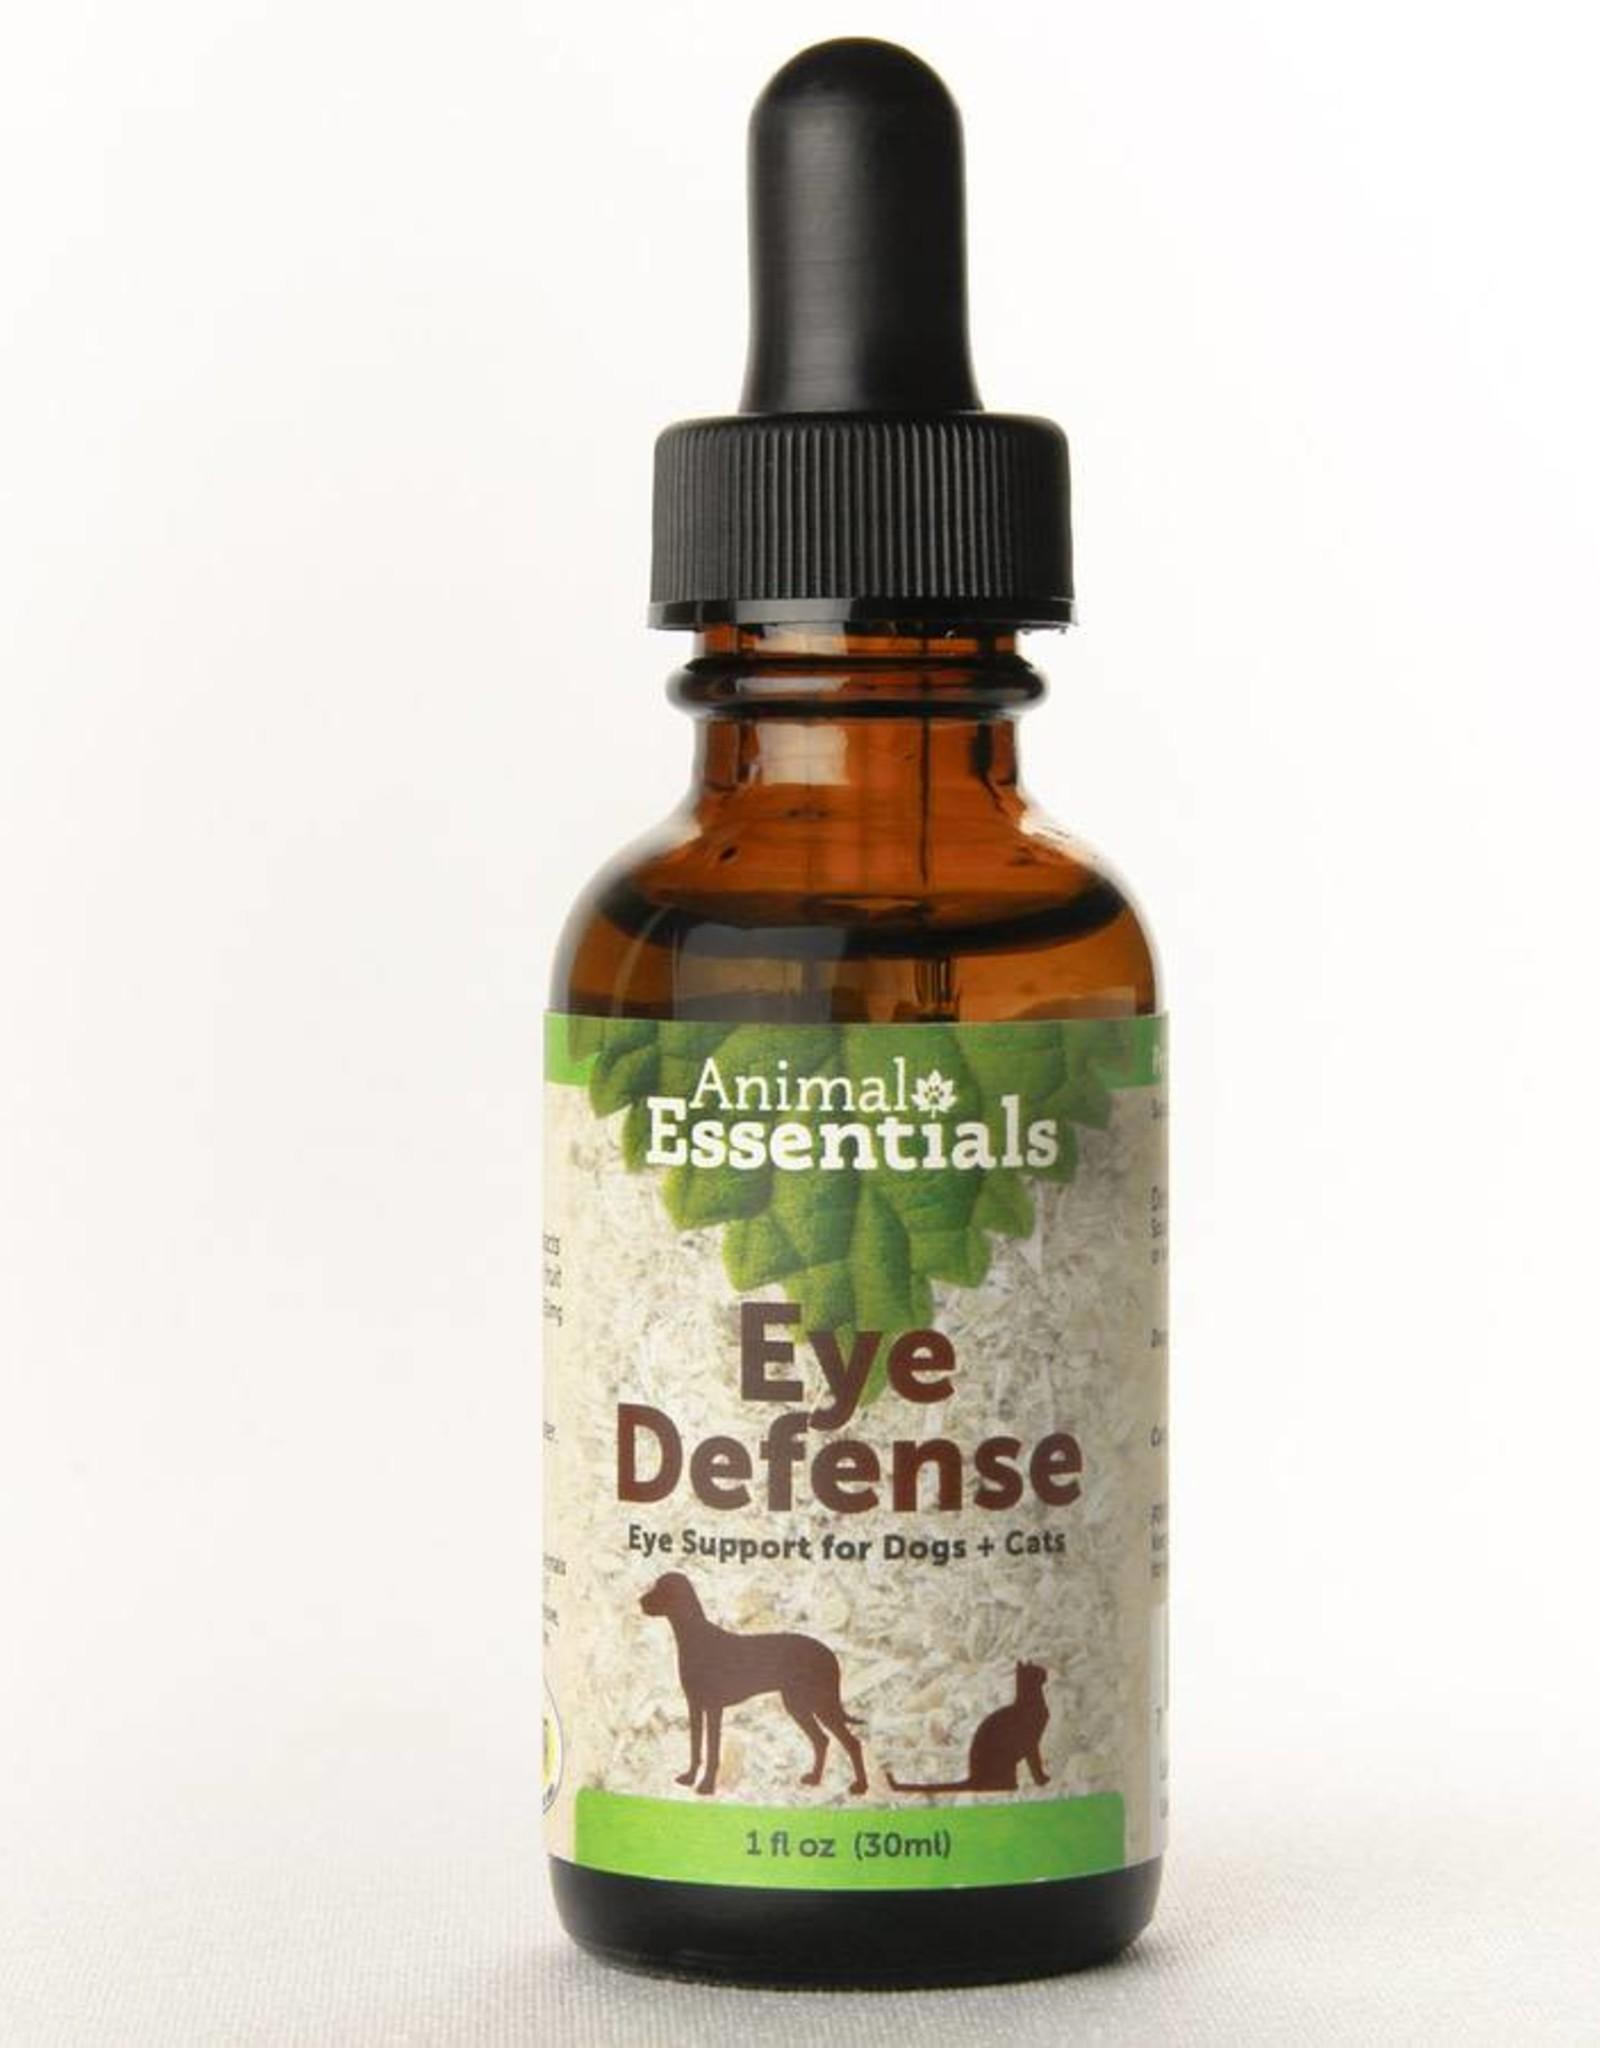 Animal Essentials Animal Essentials Eye Defense 1oz